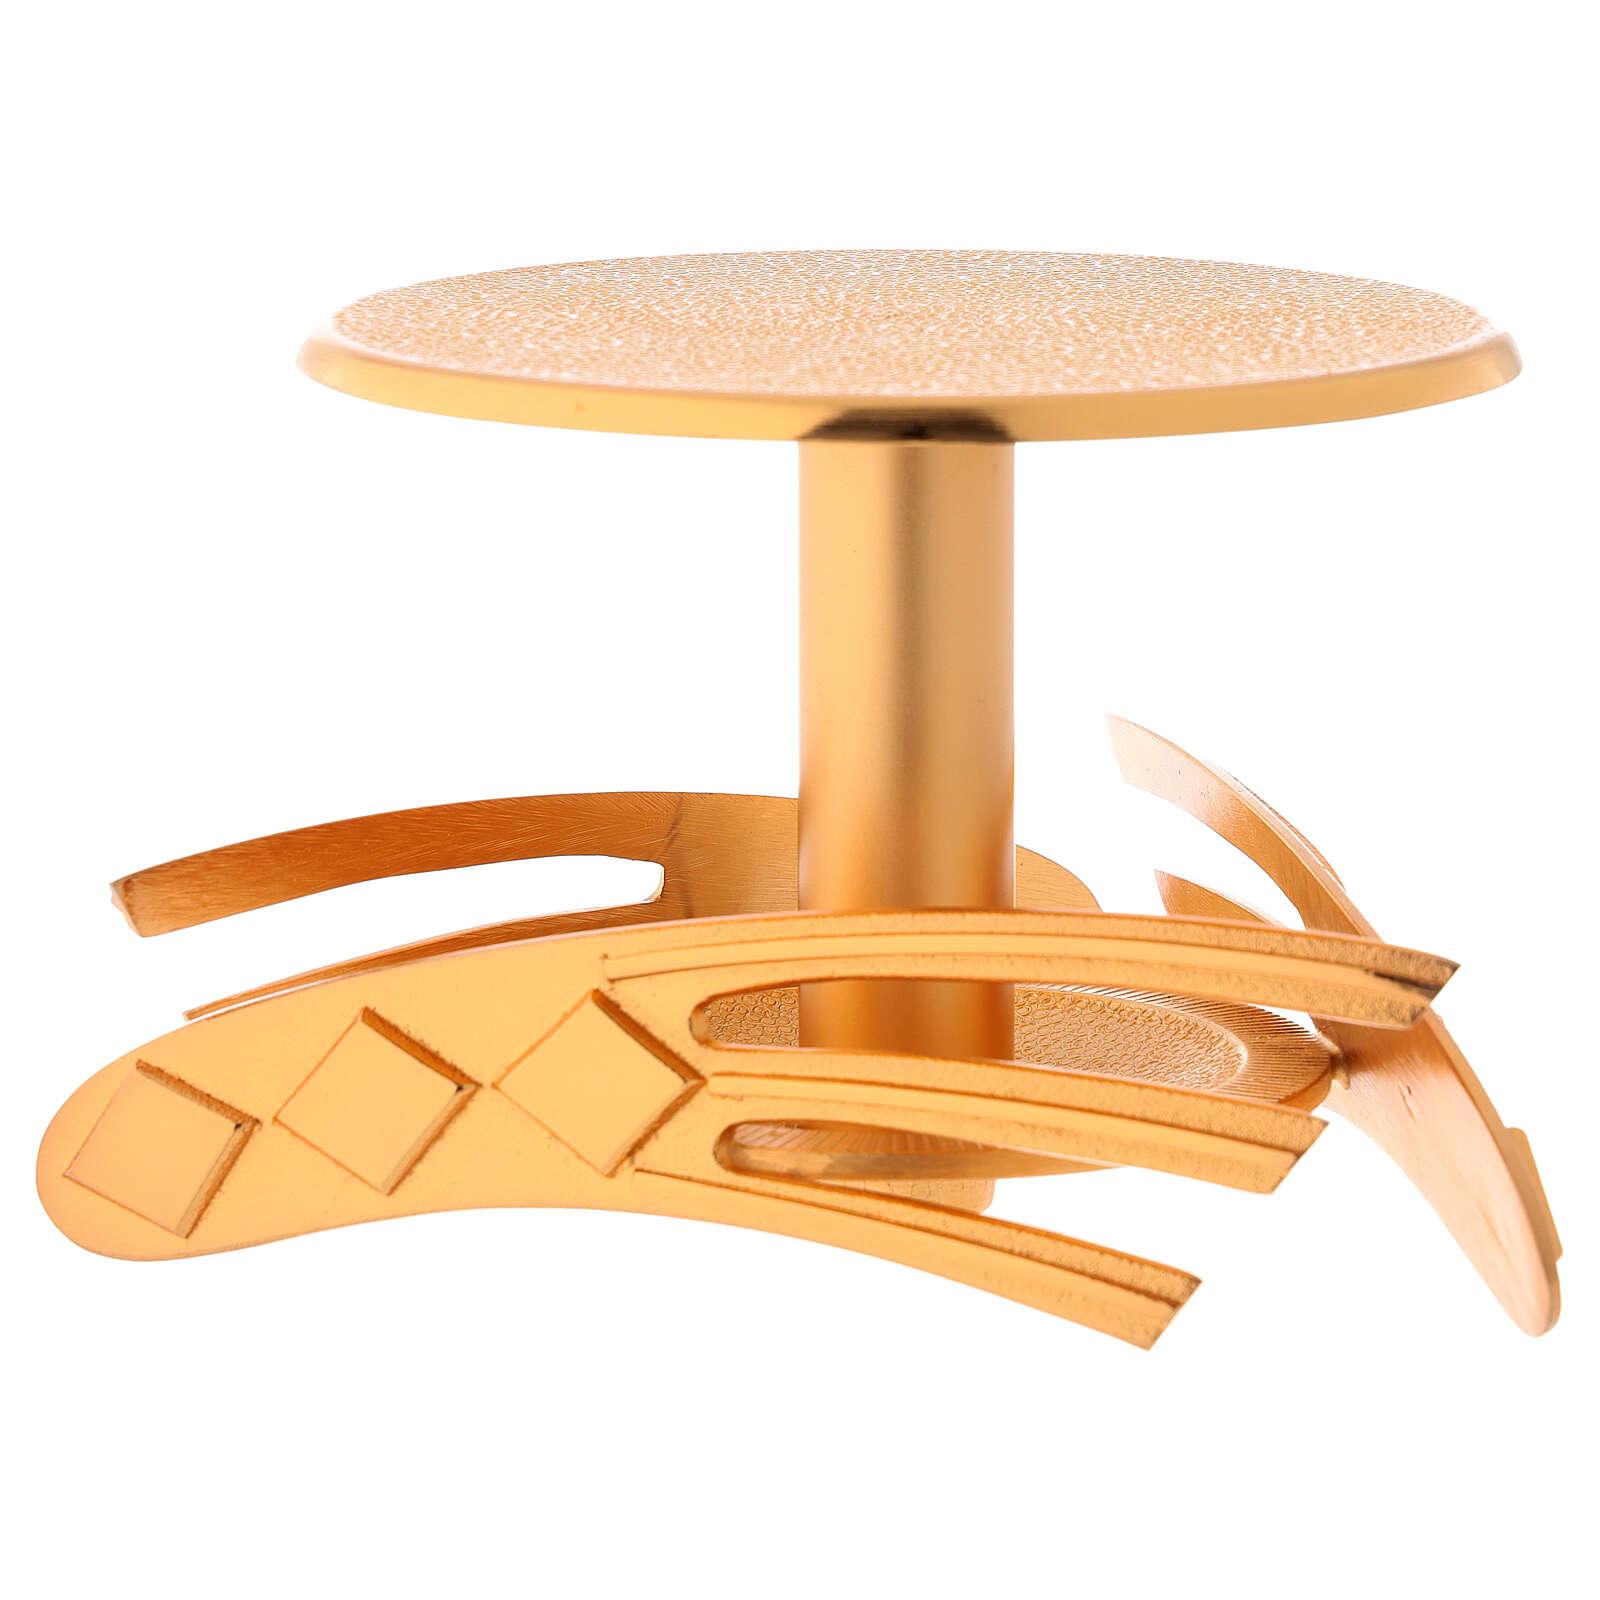 Base per ostensorio dorato in ottone fuso h 12 cm 4